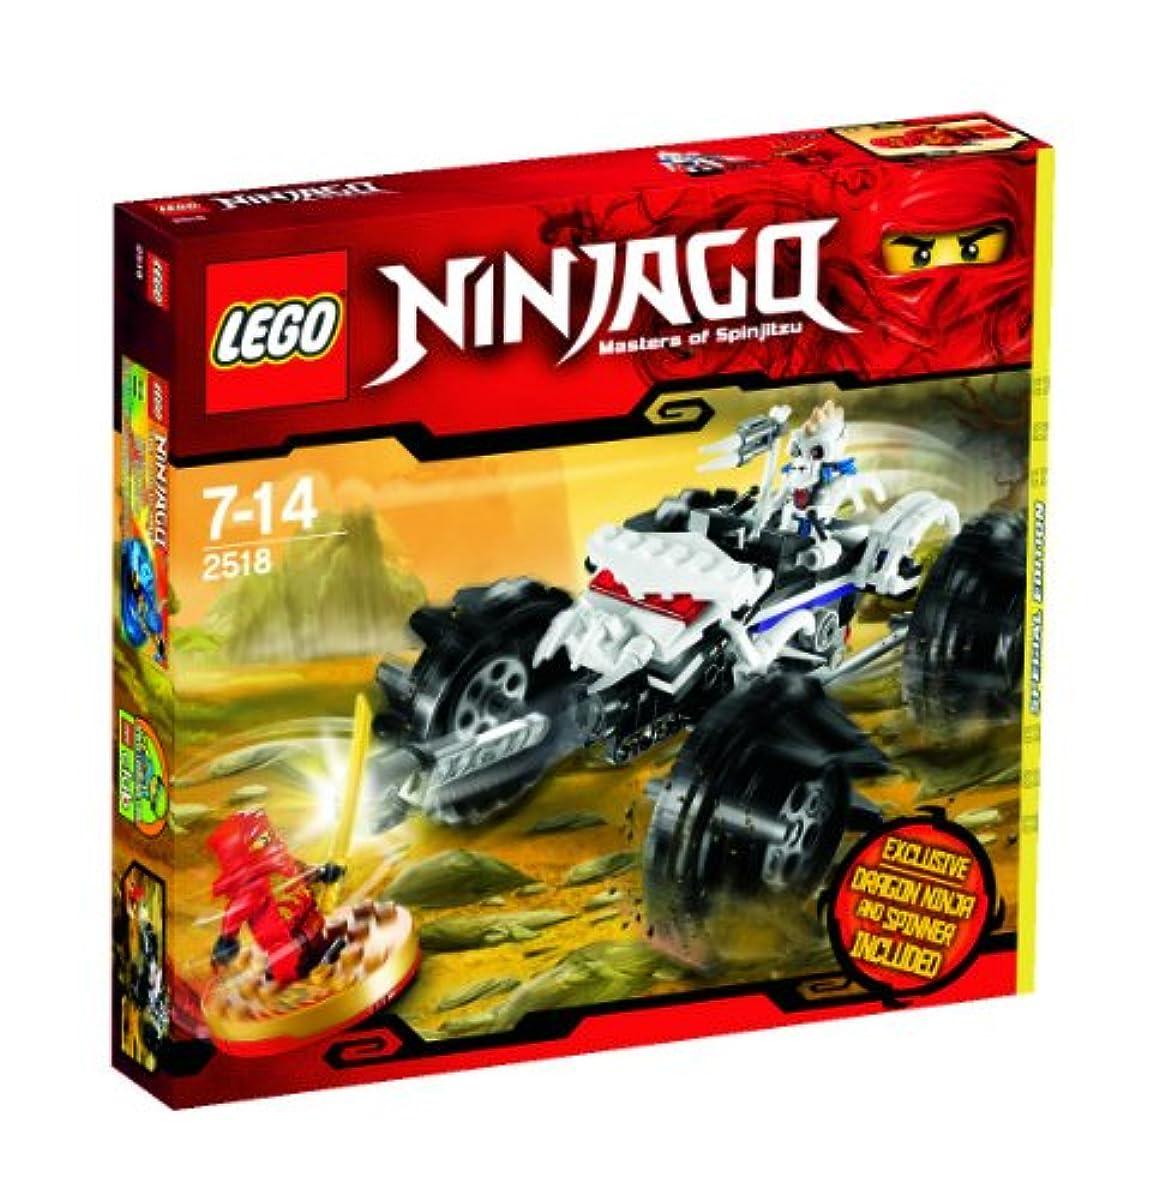 [해외] 레고 (LEGO) 닌자고 눗컬의 ATV 2518-2518 (2010-12-25)